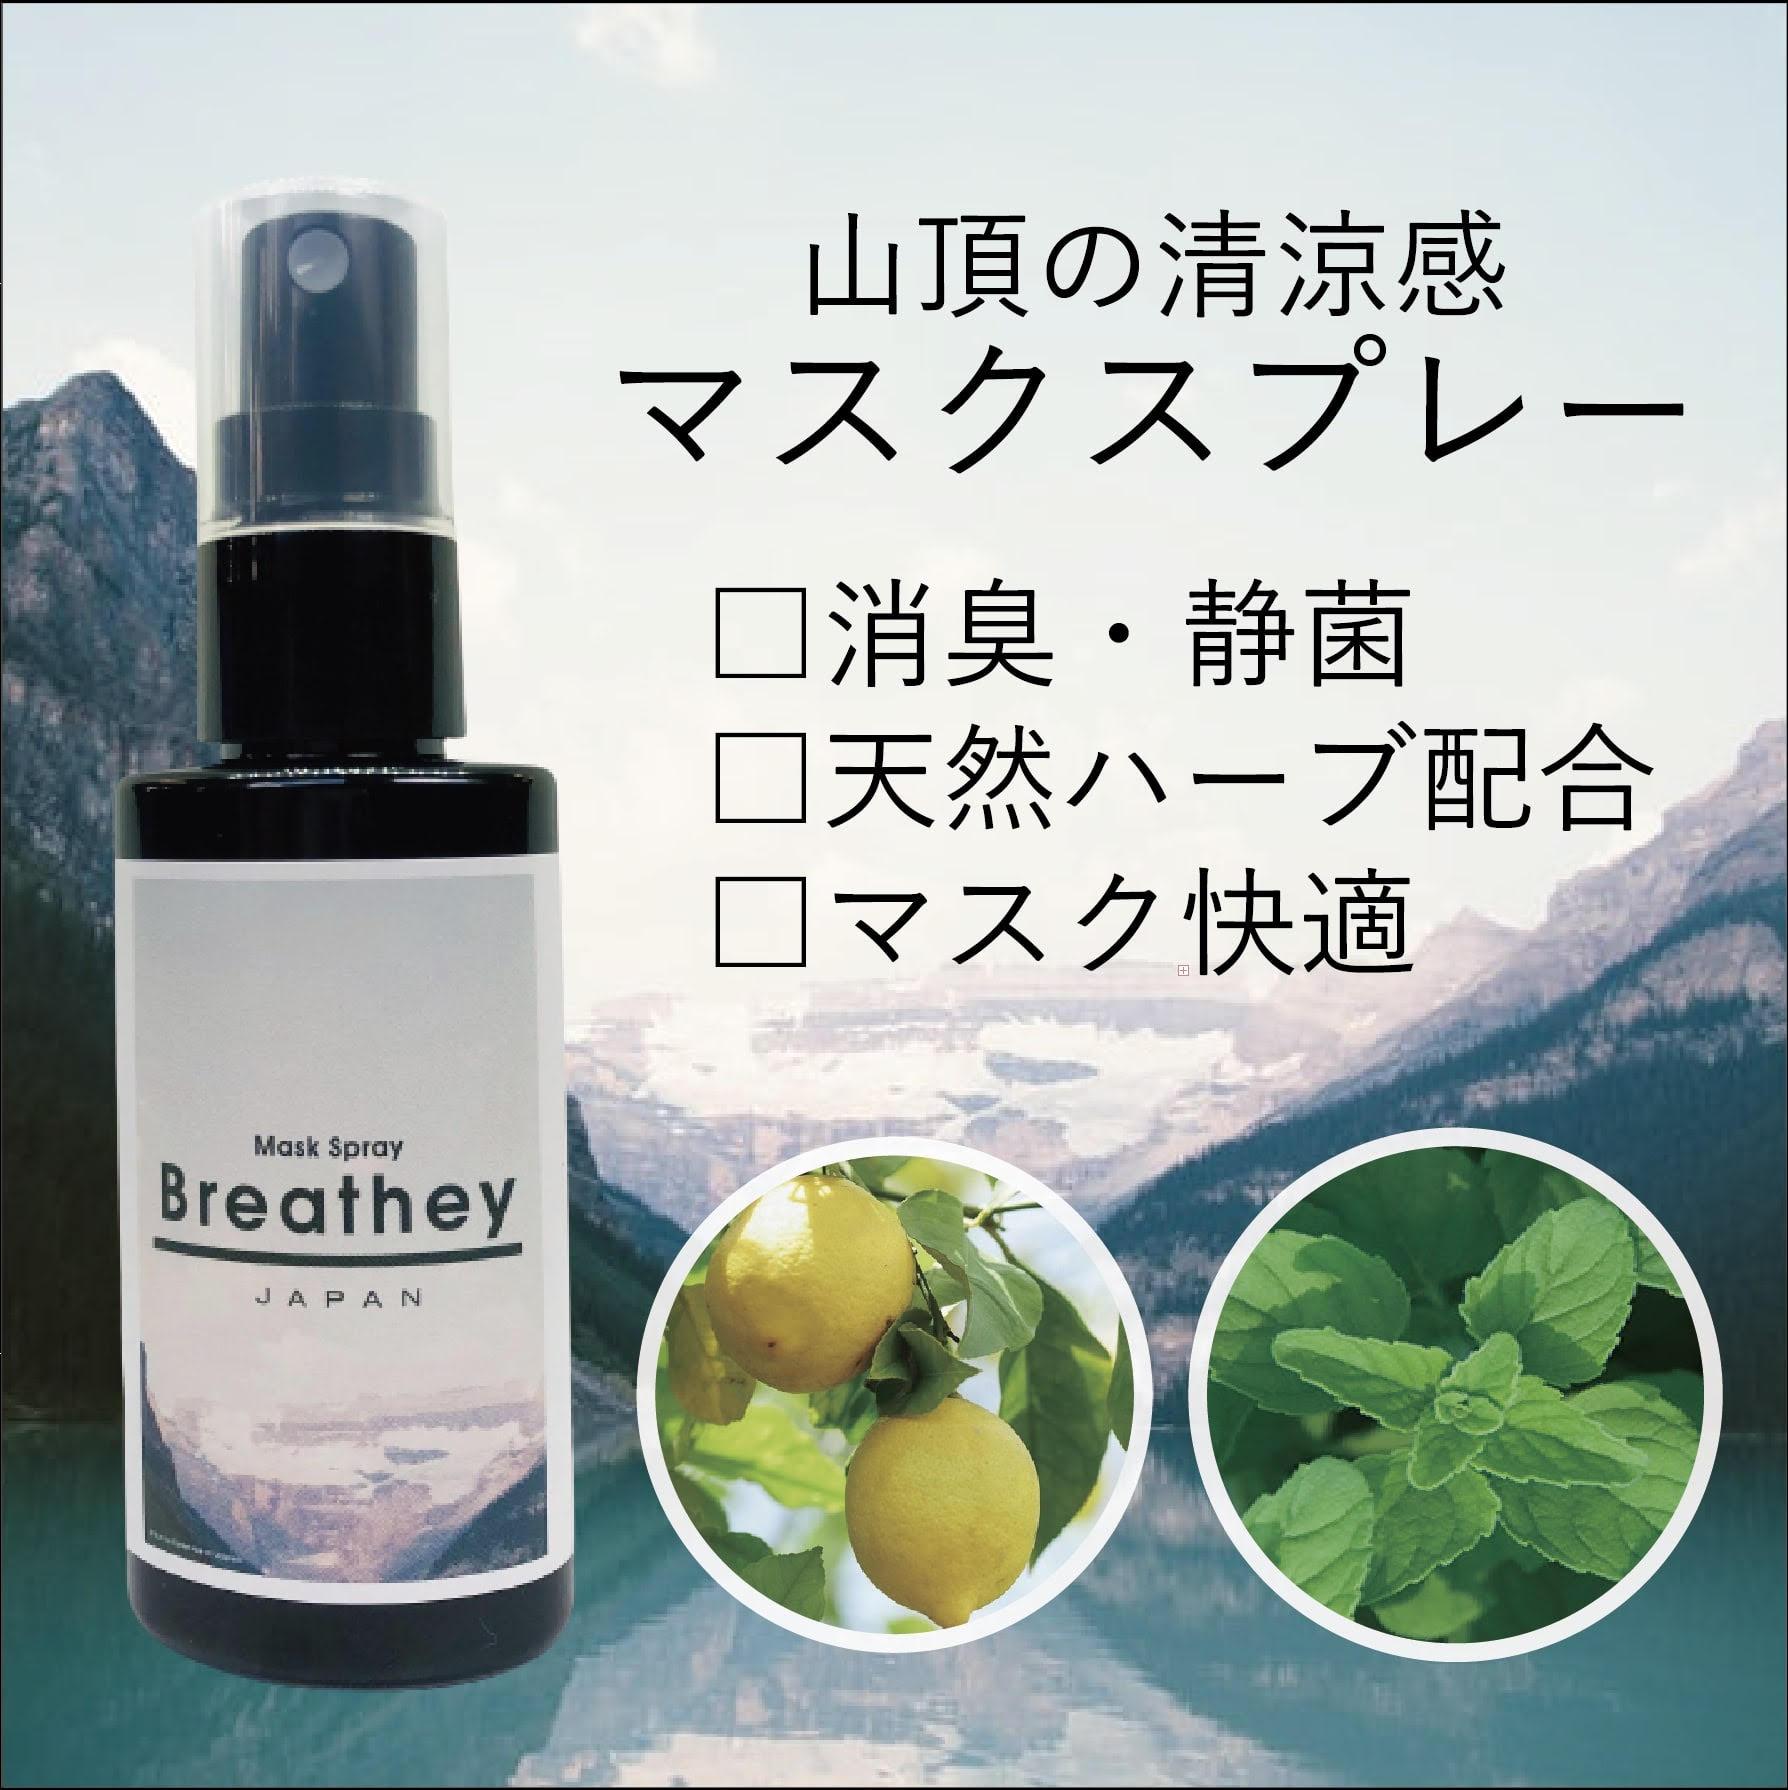 「瀟洒な呼吸」カナダ・ルイーズ湖の清涼感をイメージした新商品【Breathey】リリース!